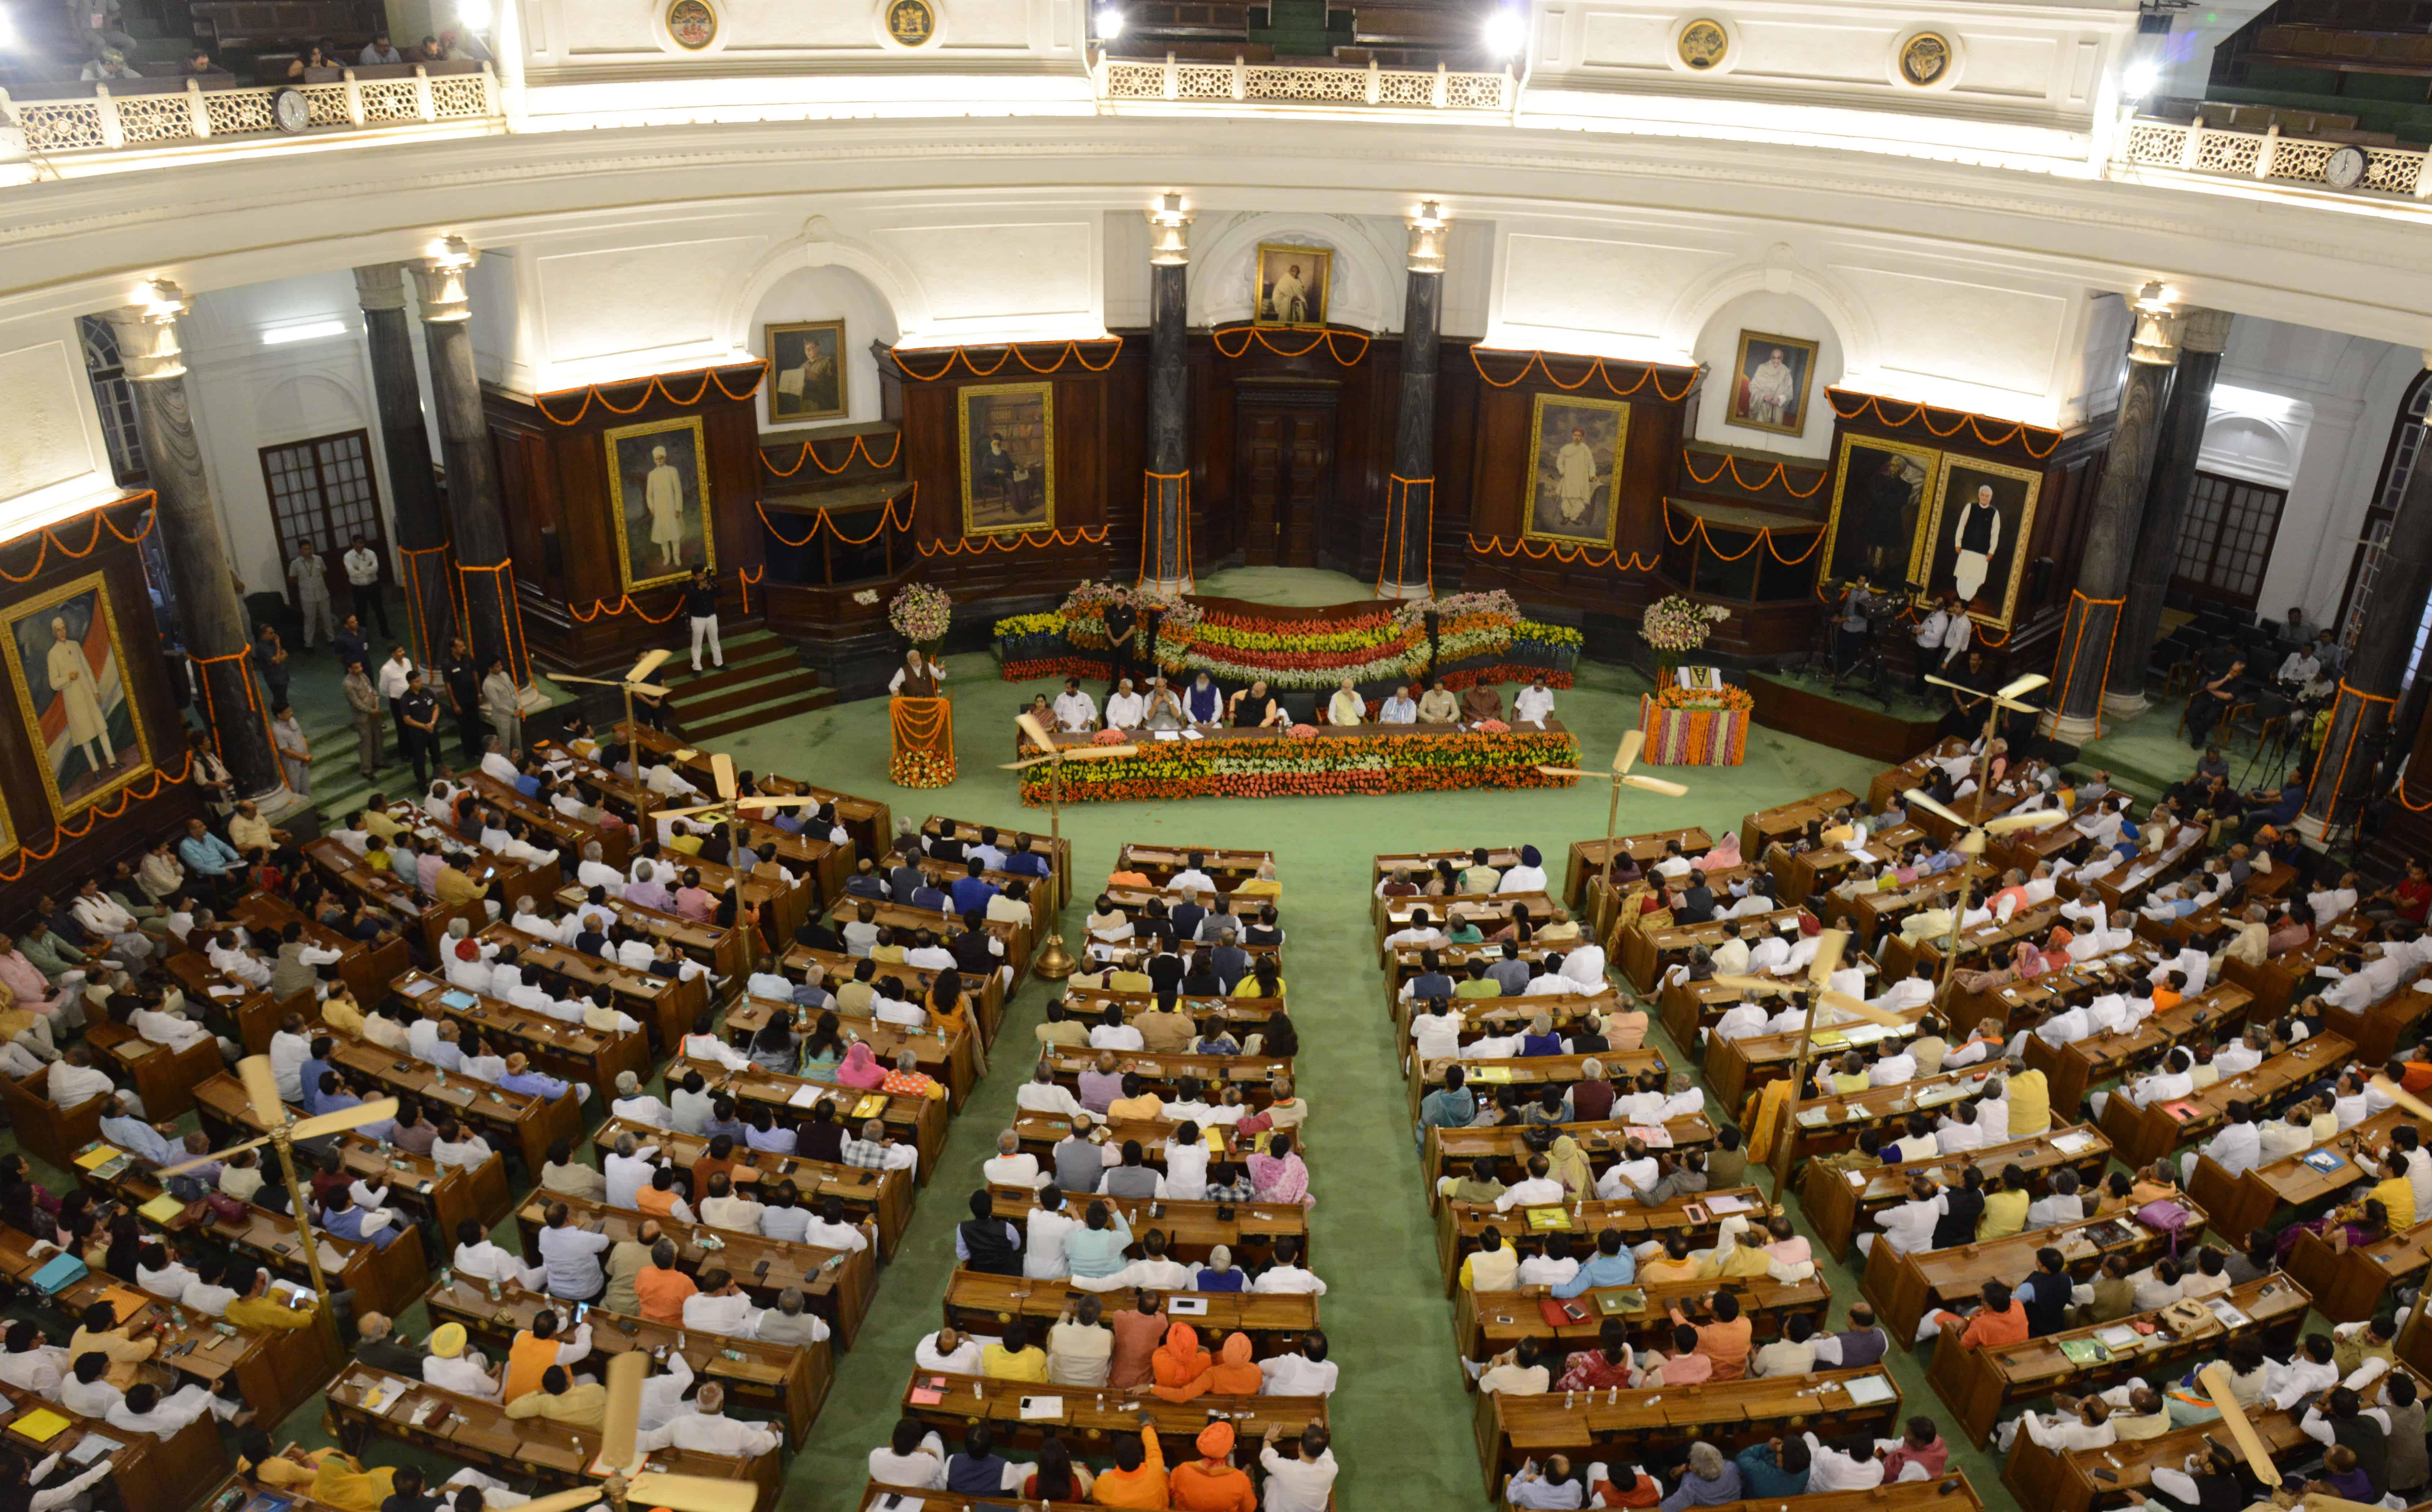 Een beeld van het parlement van India.